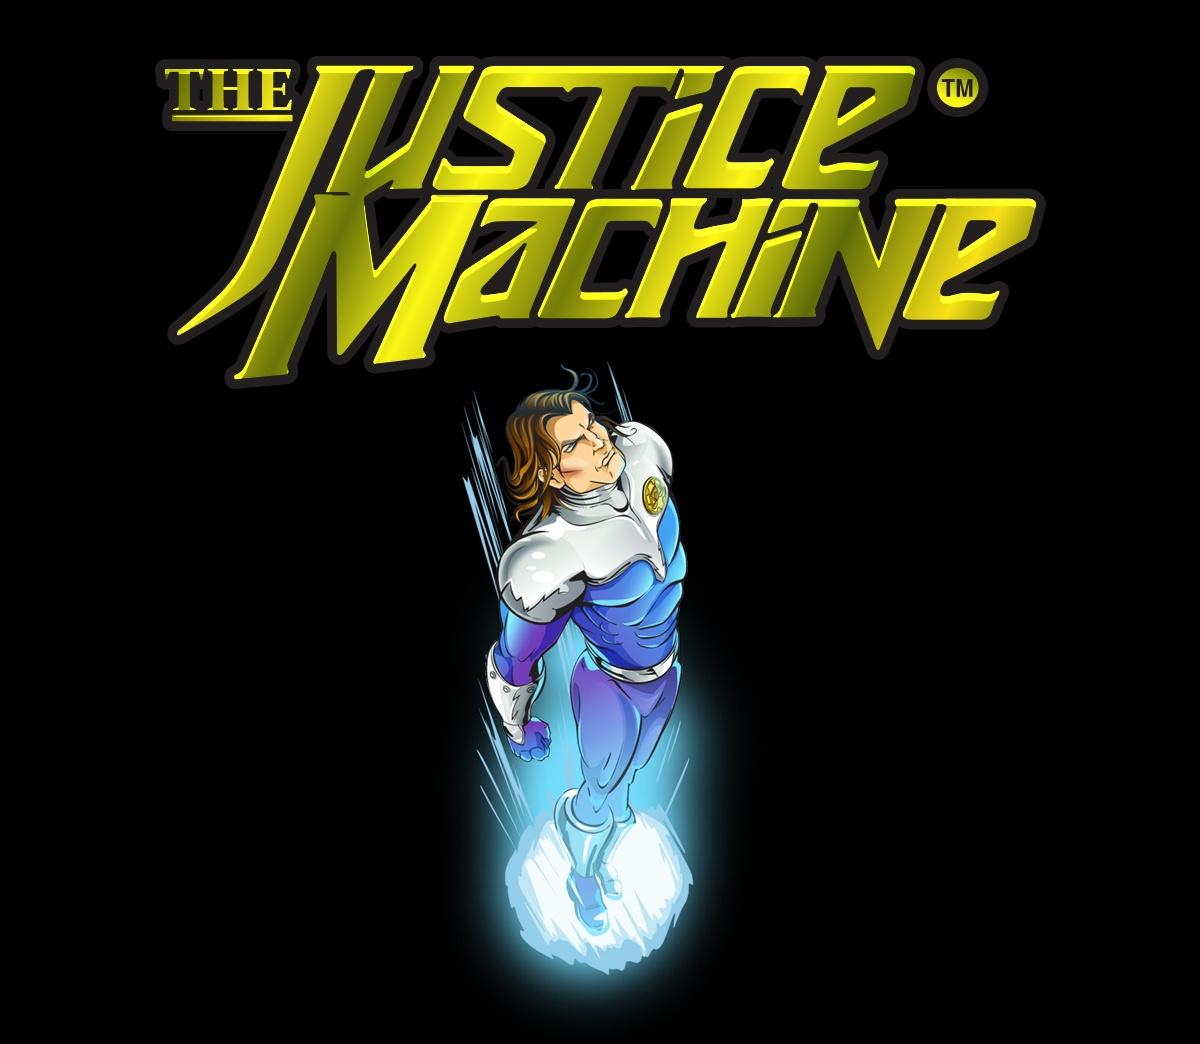 Justice machine_slide_17